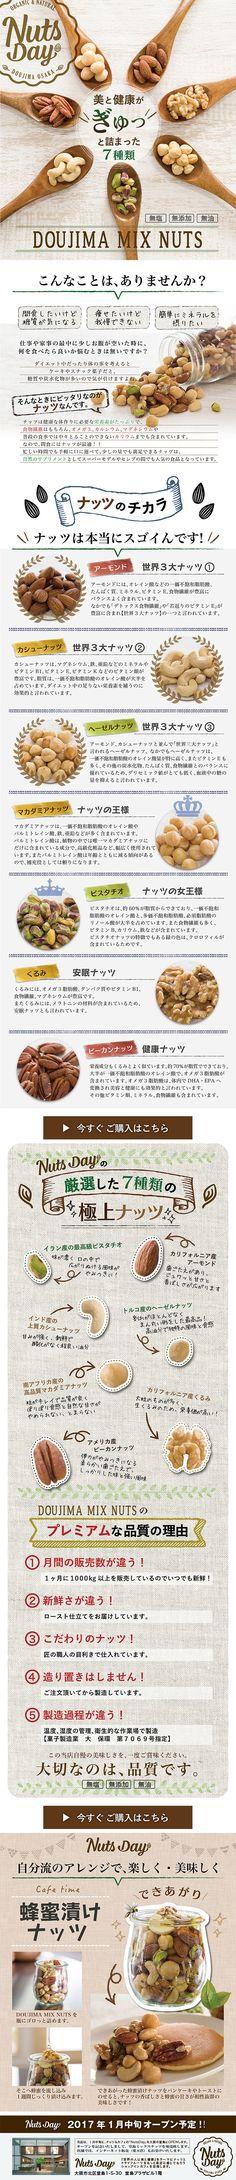 7種類の堂島ナッツ【食品関連】のLPデザイン。WEBデザイナーさん必見!ランディングページのデザイン参考に(かわいい系)